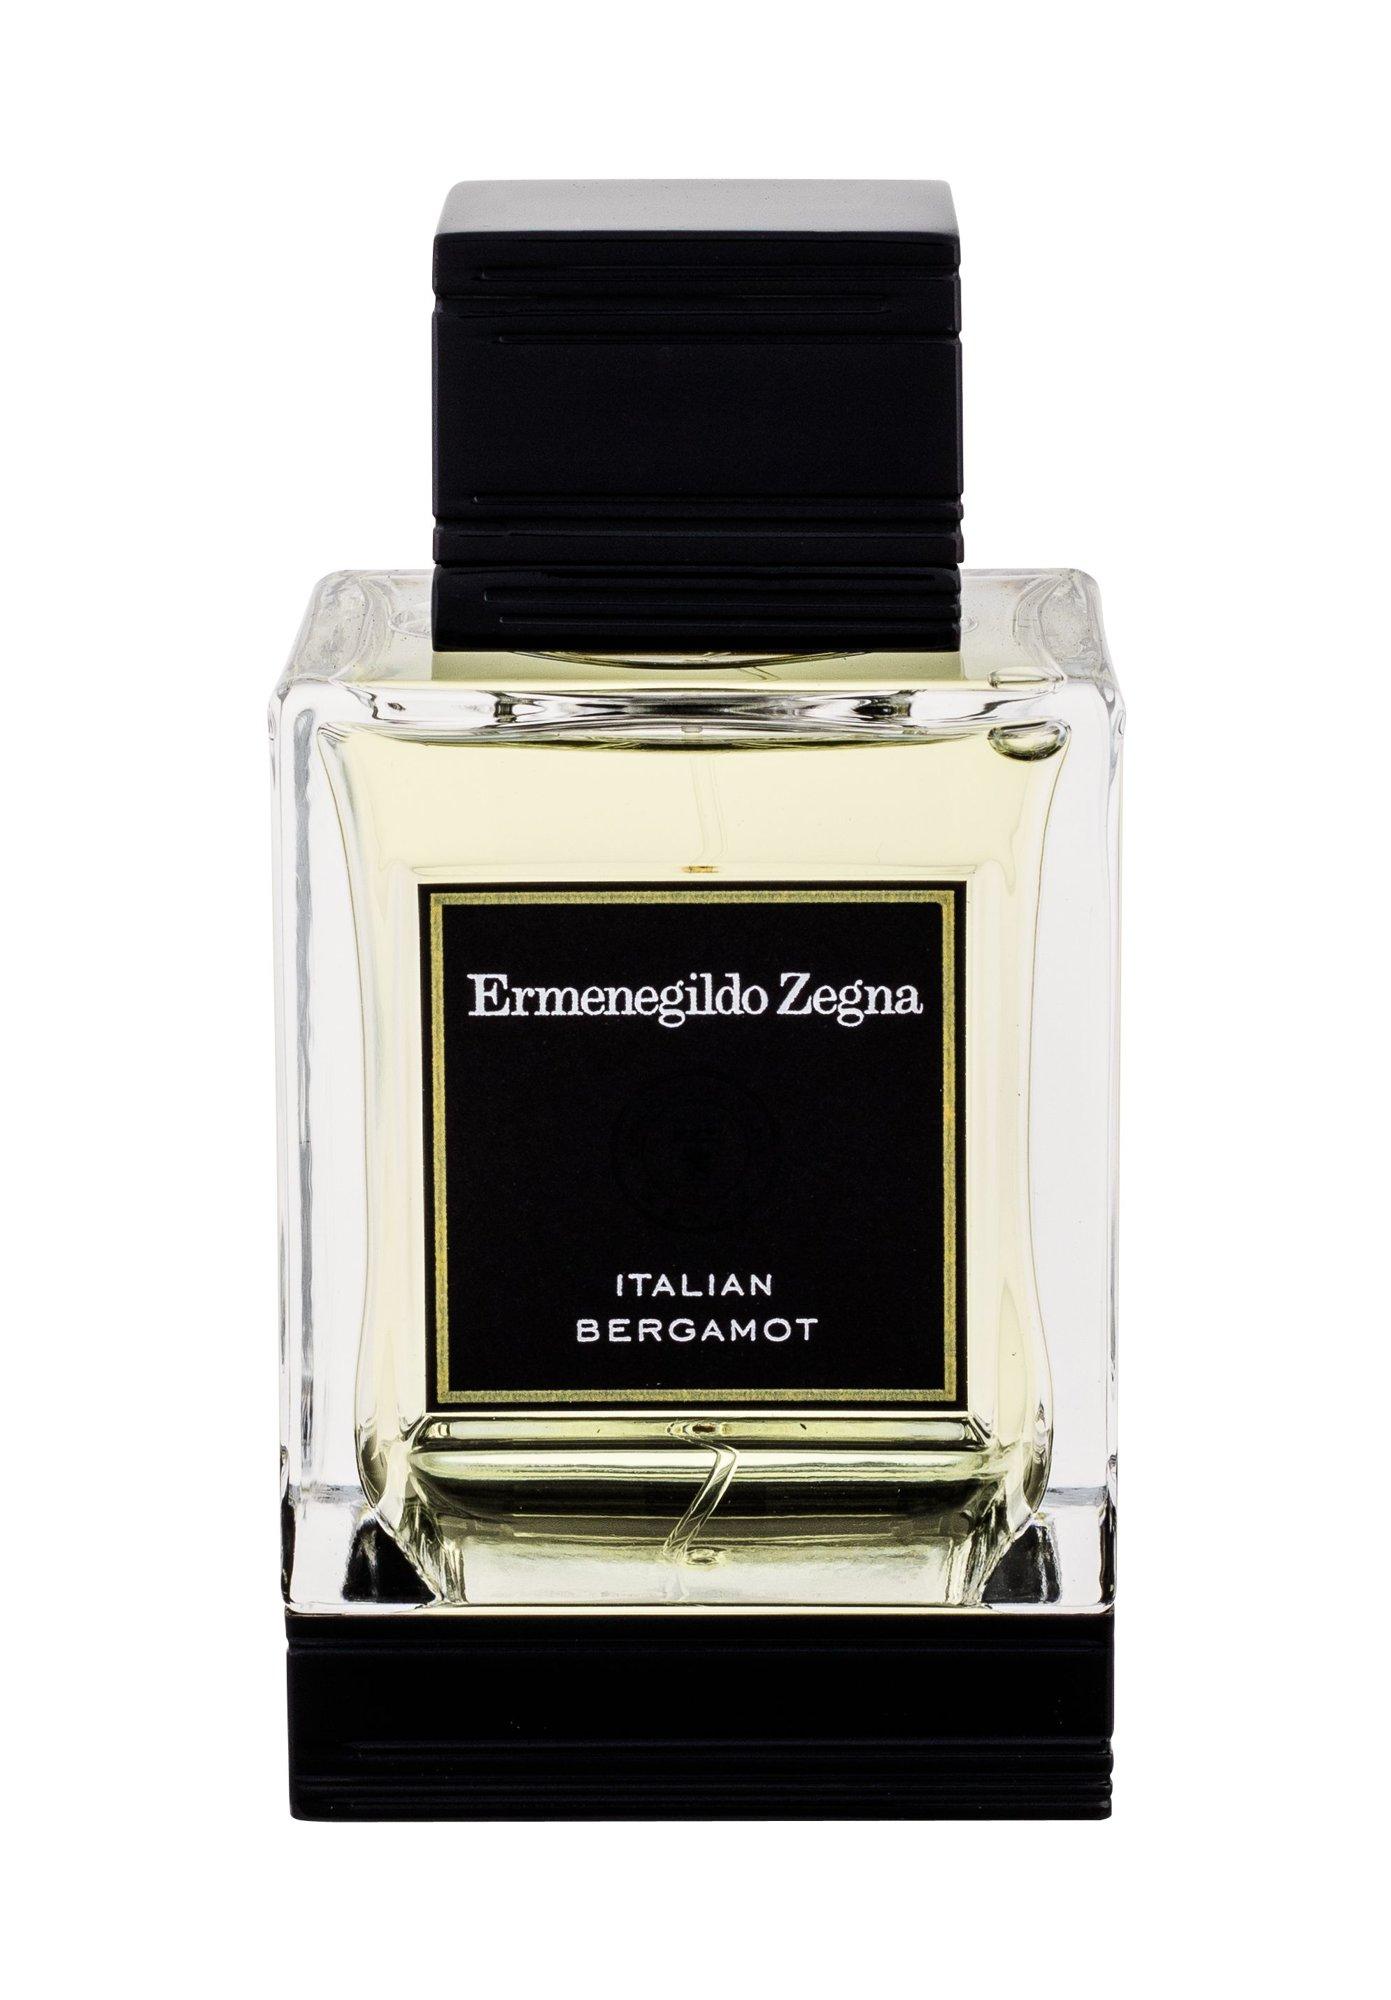 Ermenegildo Zegna Italian Bergamot Eau de Toilette 125ml